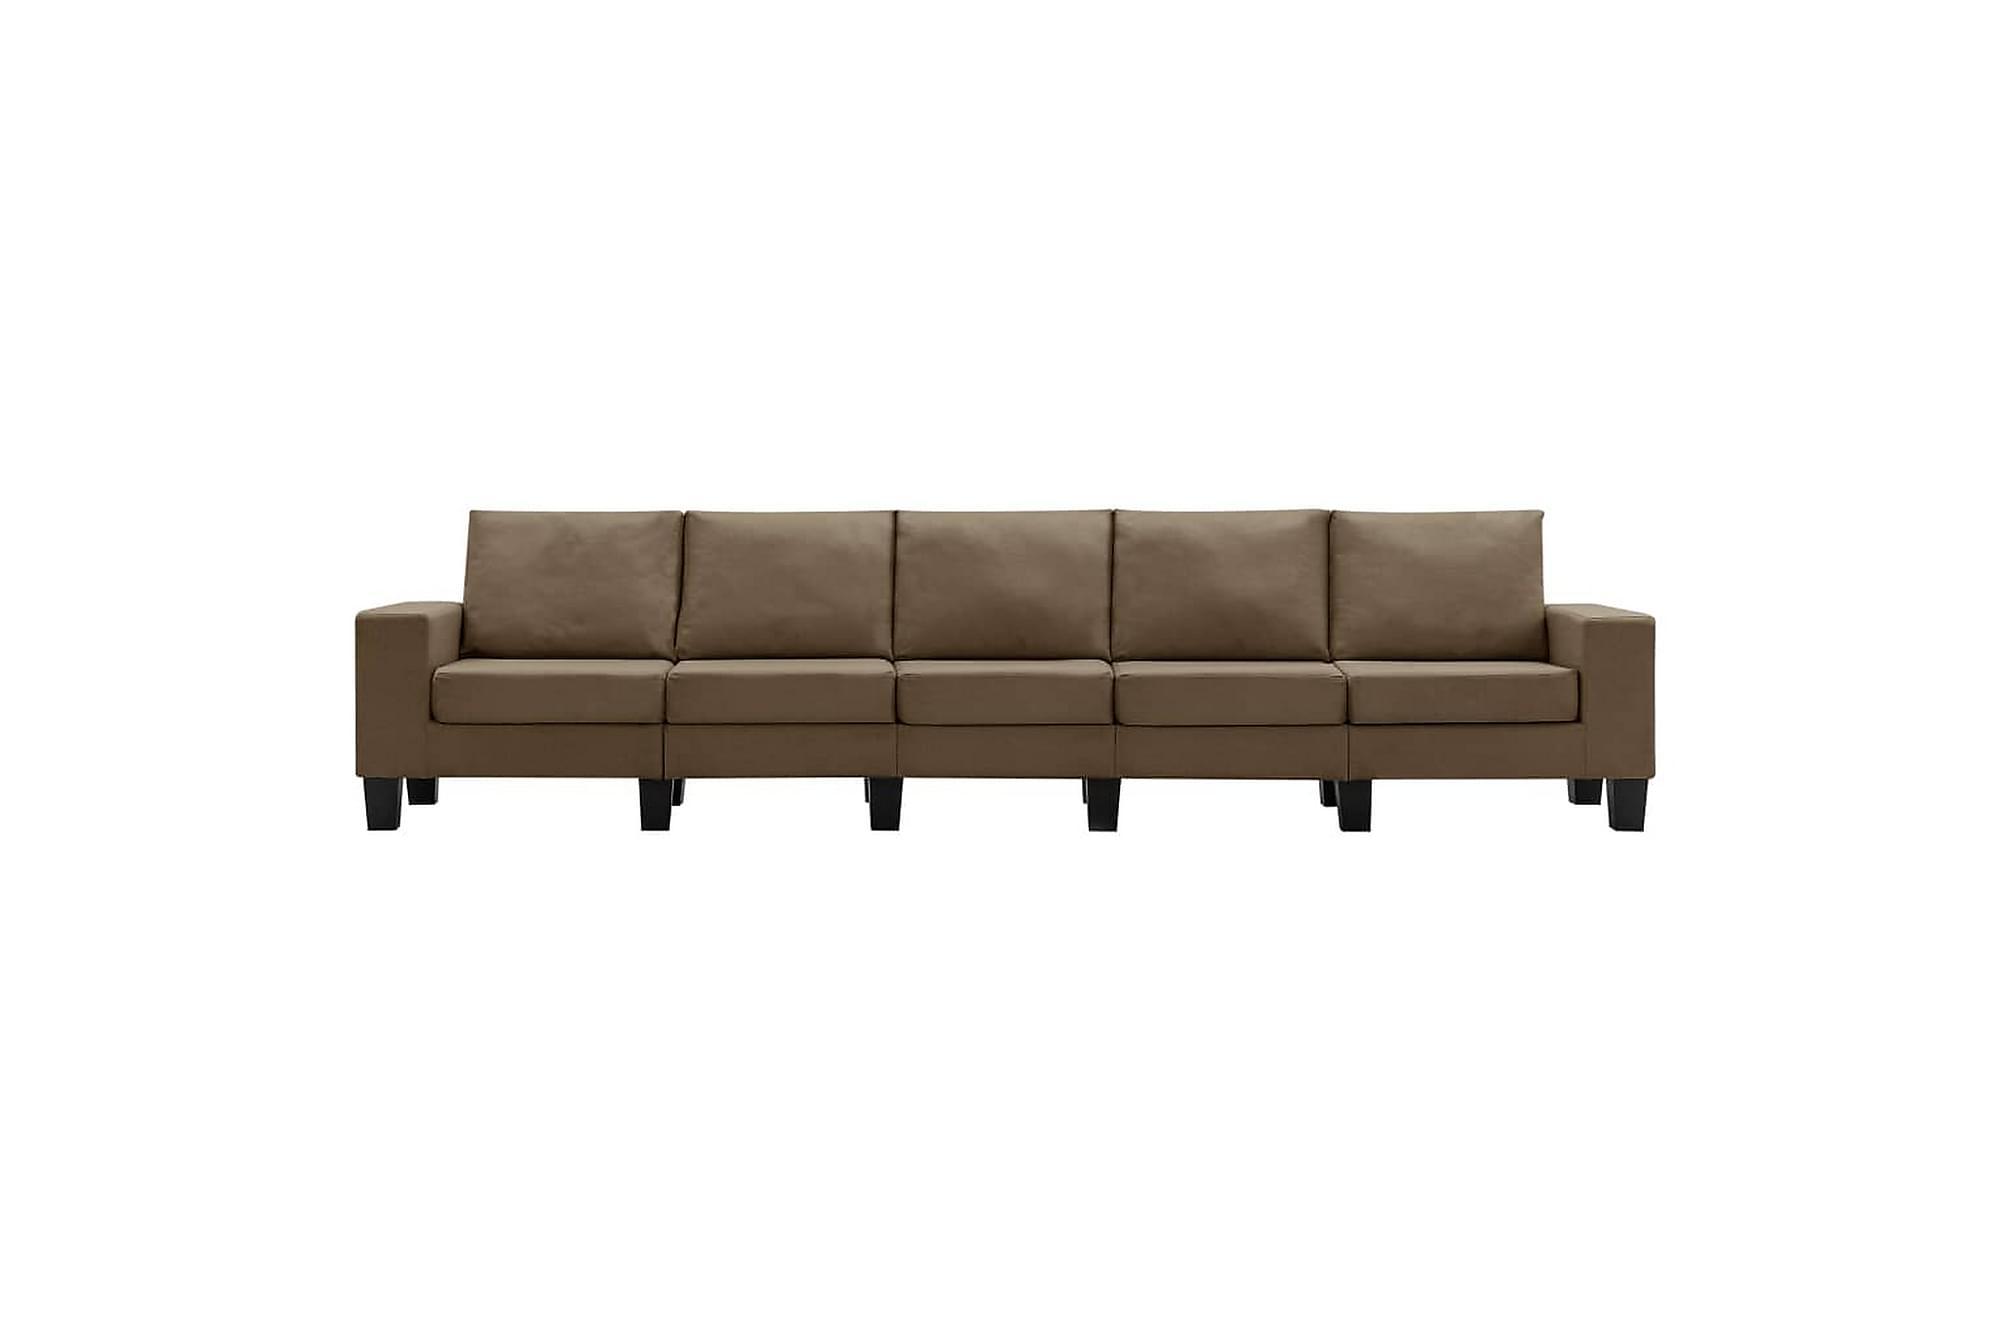 5-sitssoffa brun tyg